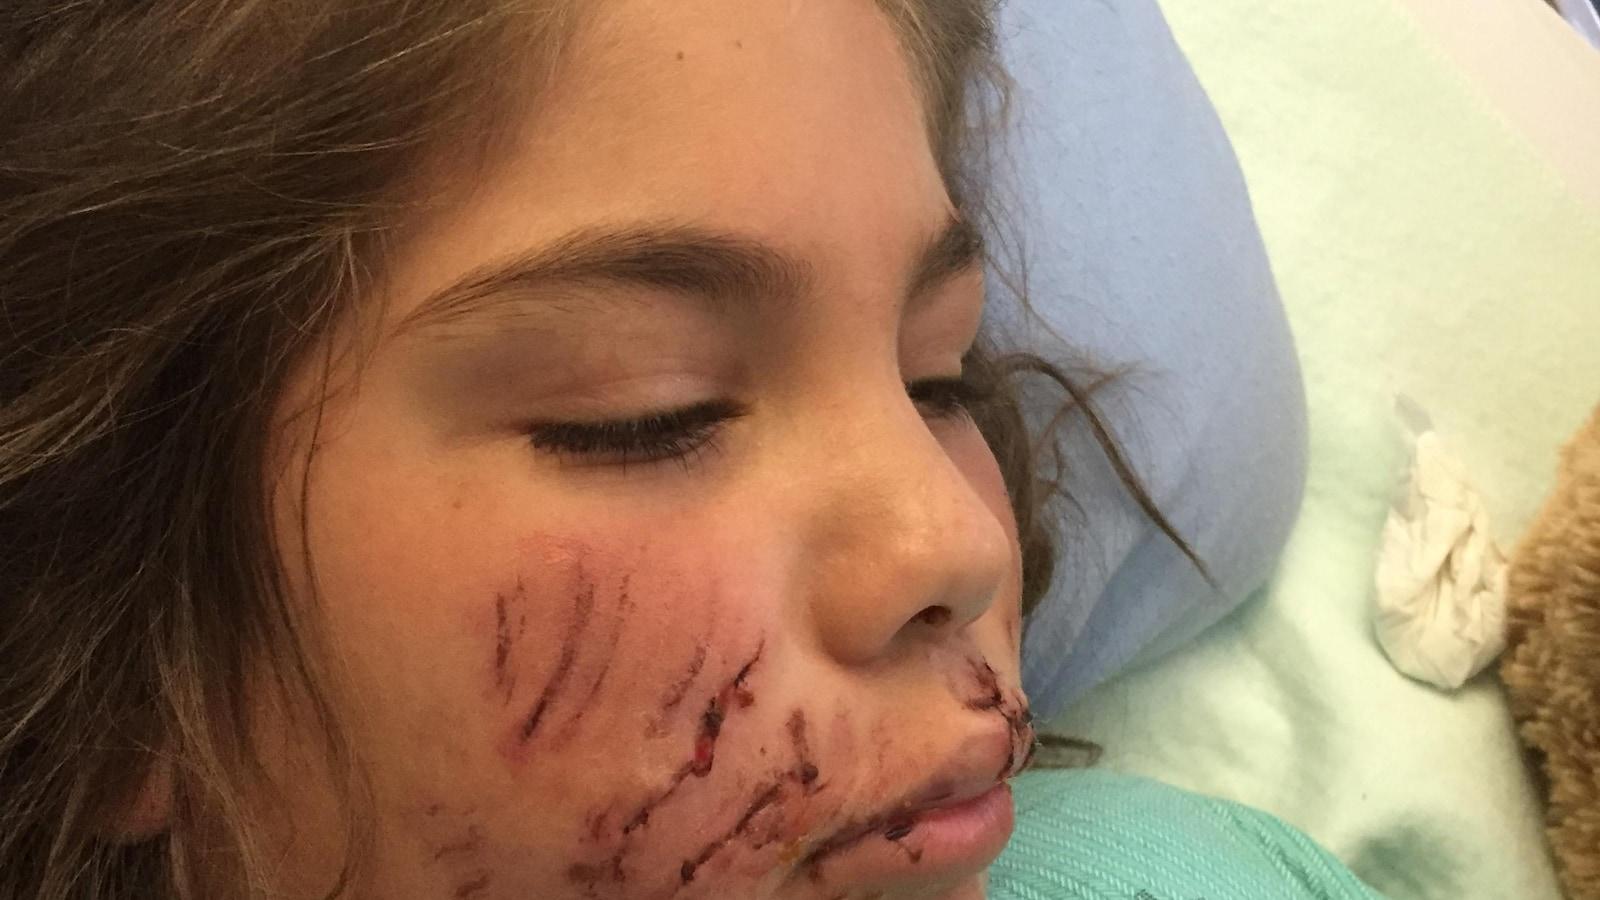 9a68f9759428c Une fillette de 9 ans défigurée par un pitbull